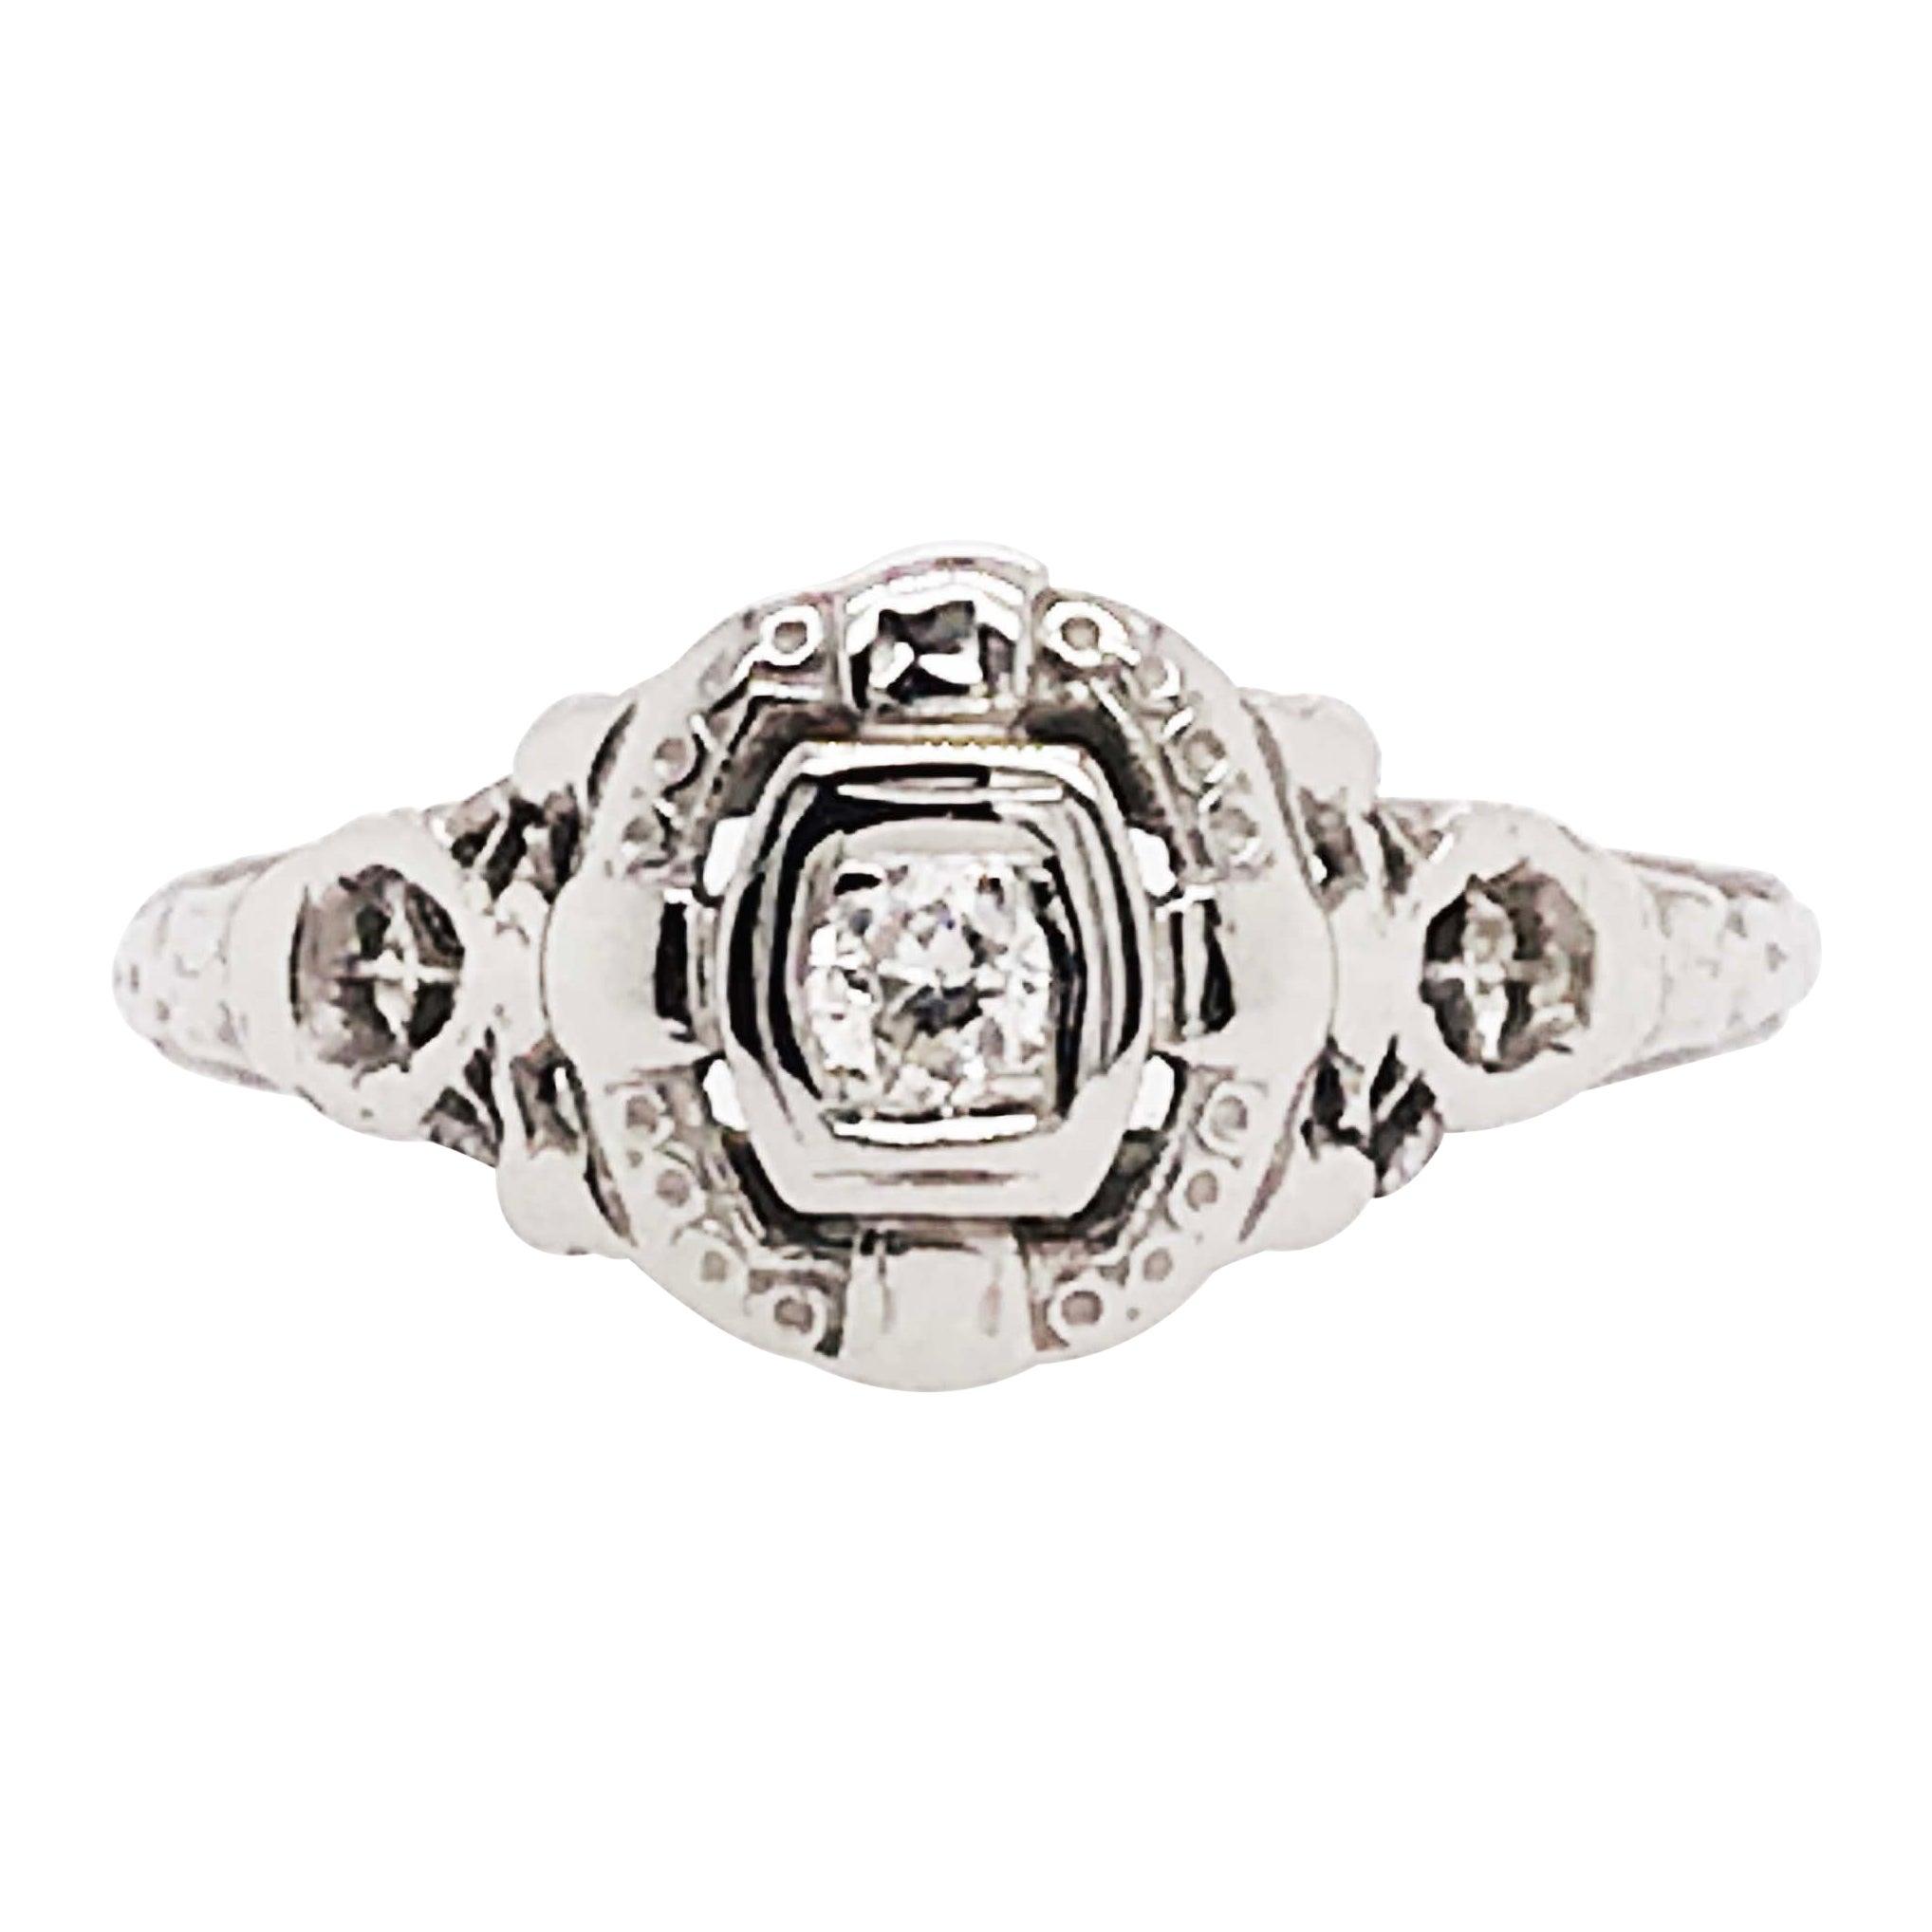 Round Diamond Ring, Antique 0.05 Carat Estate Engagement n 18 Karat White Gold